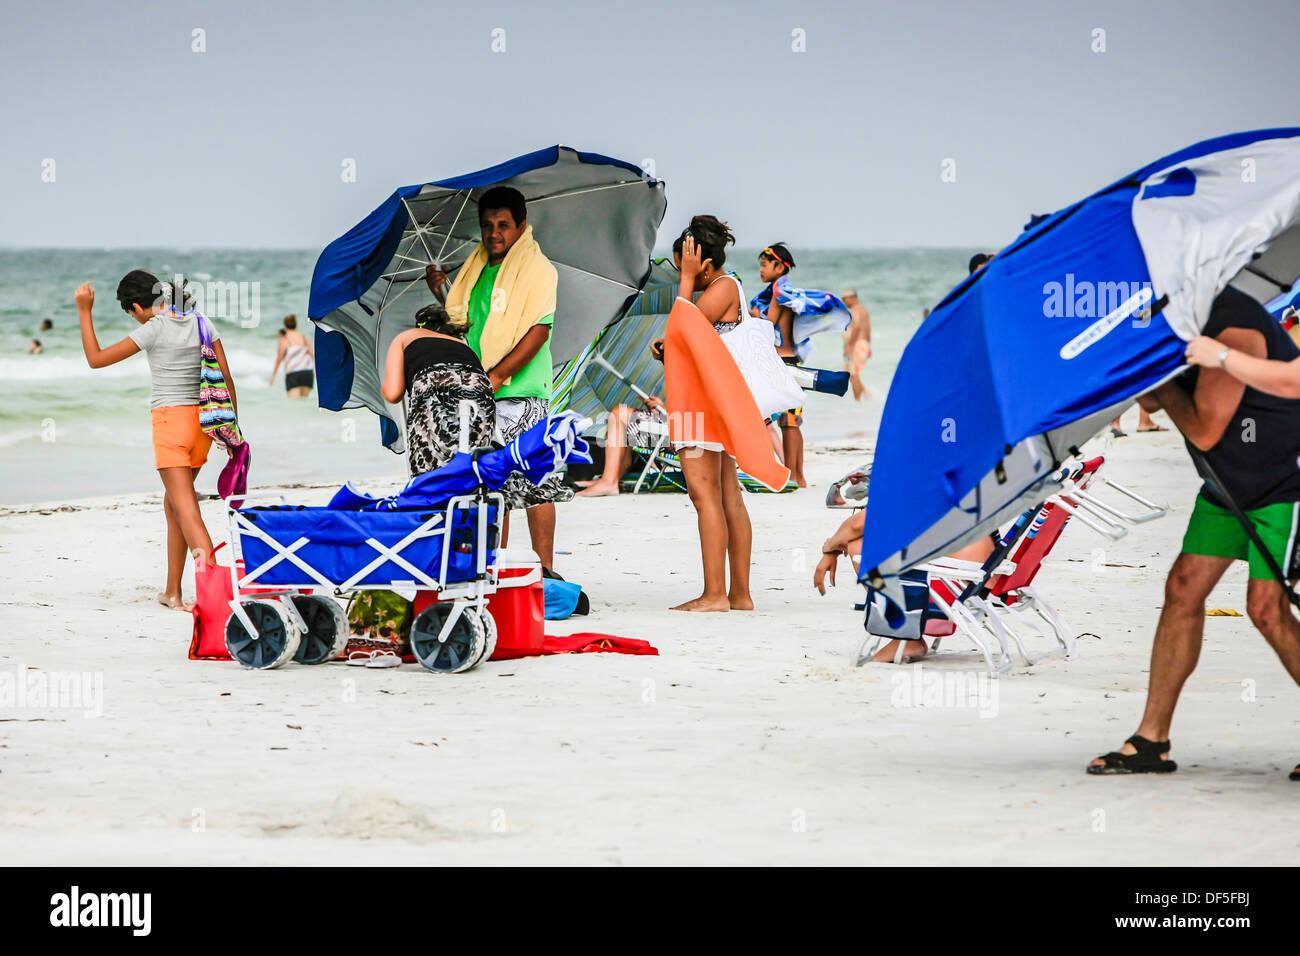 Persone che cercano di goccia ombrelloni durante una tempesta di vento sulla Siesta Key beach florida Immagini Stock